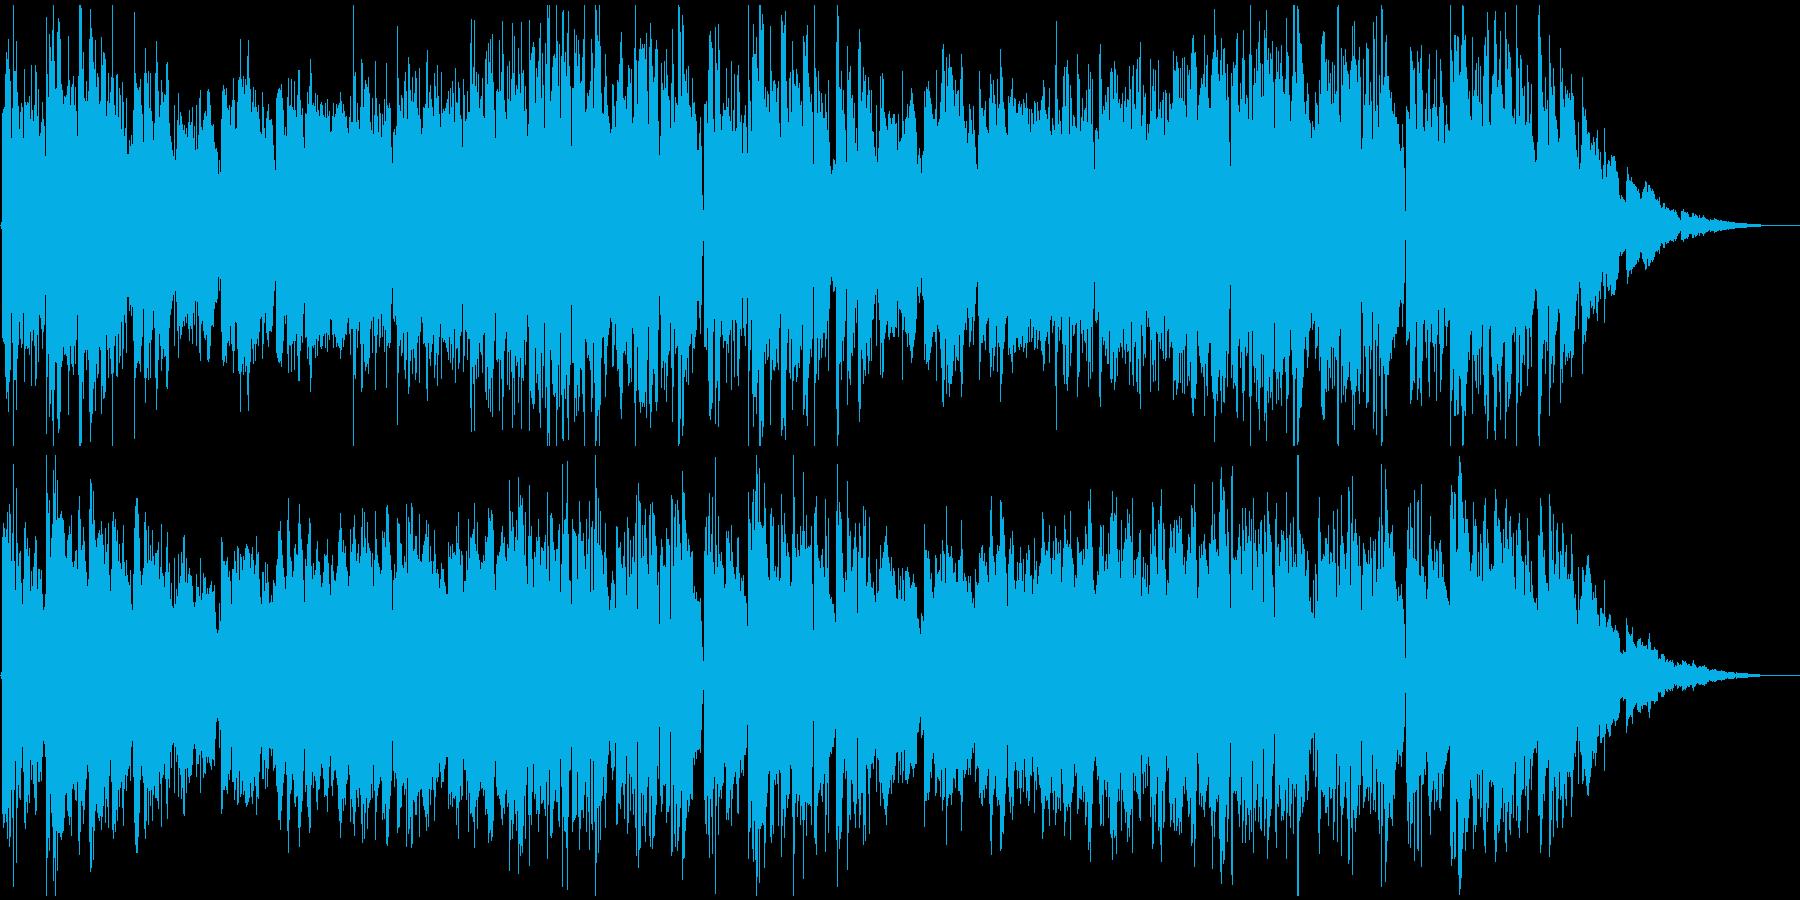 穏やかな日常を描くアコギ中心のインスト曲の再生済みの波形